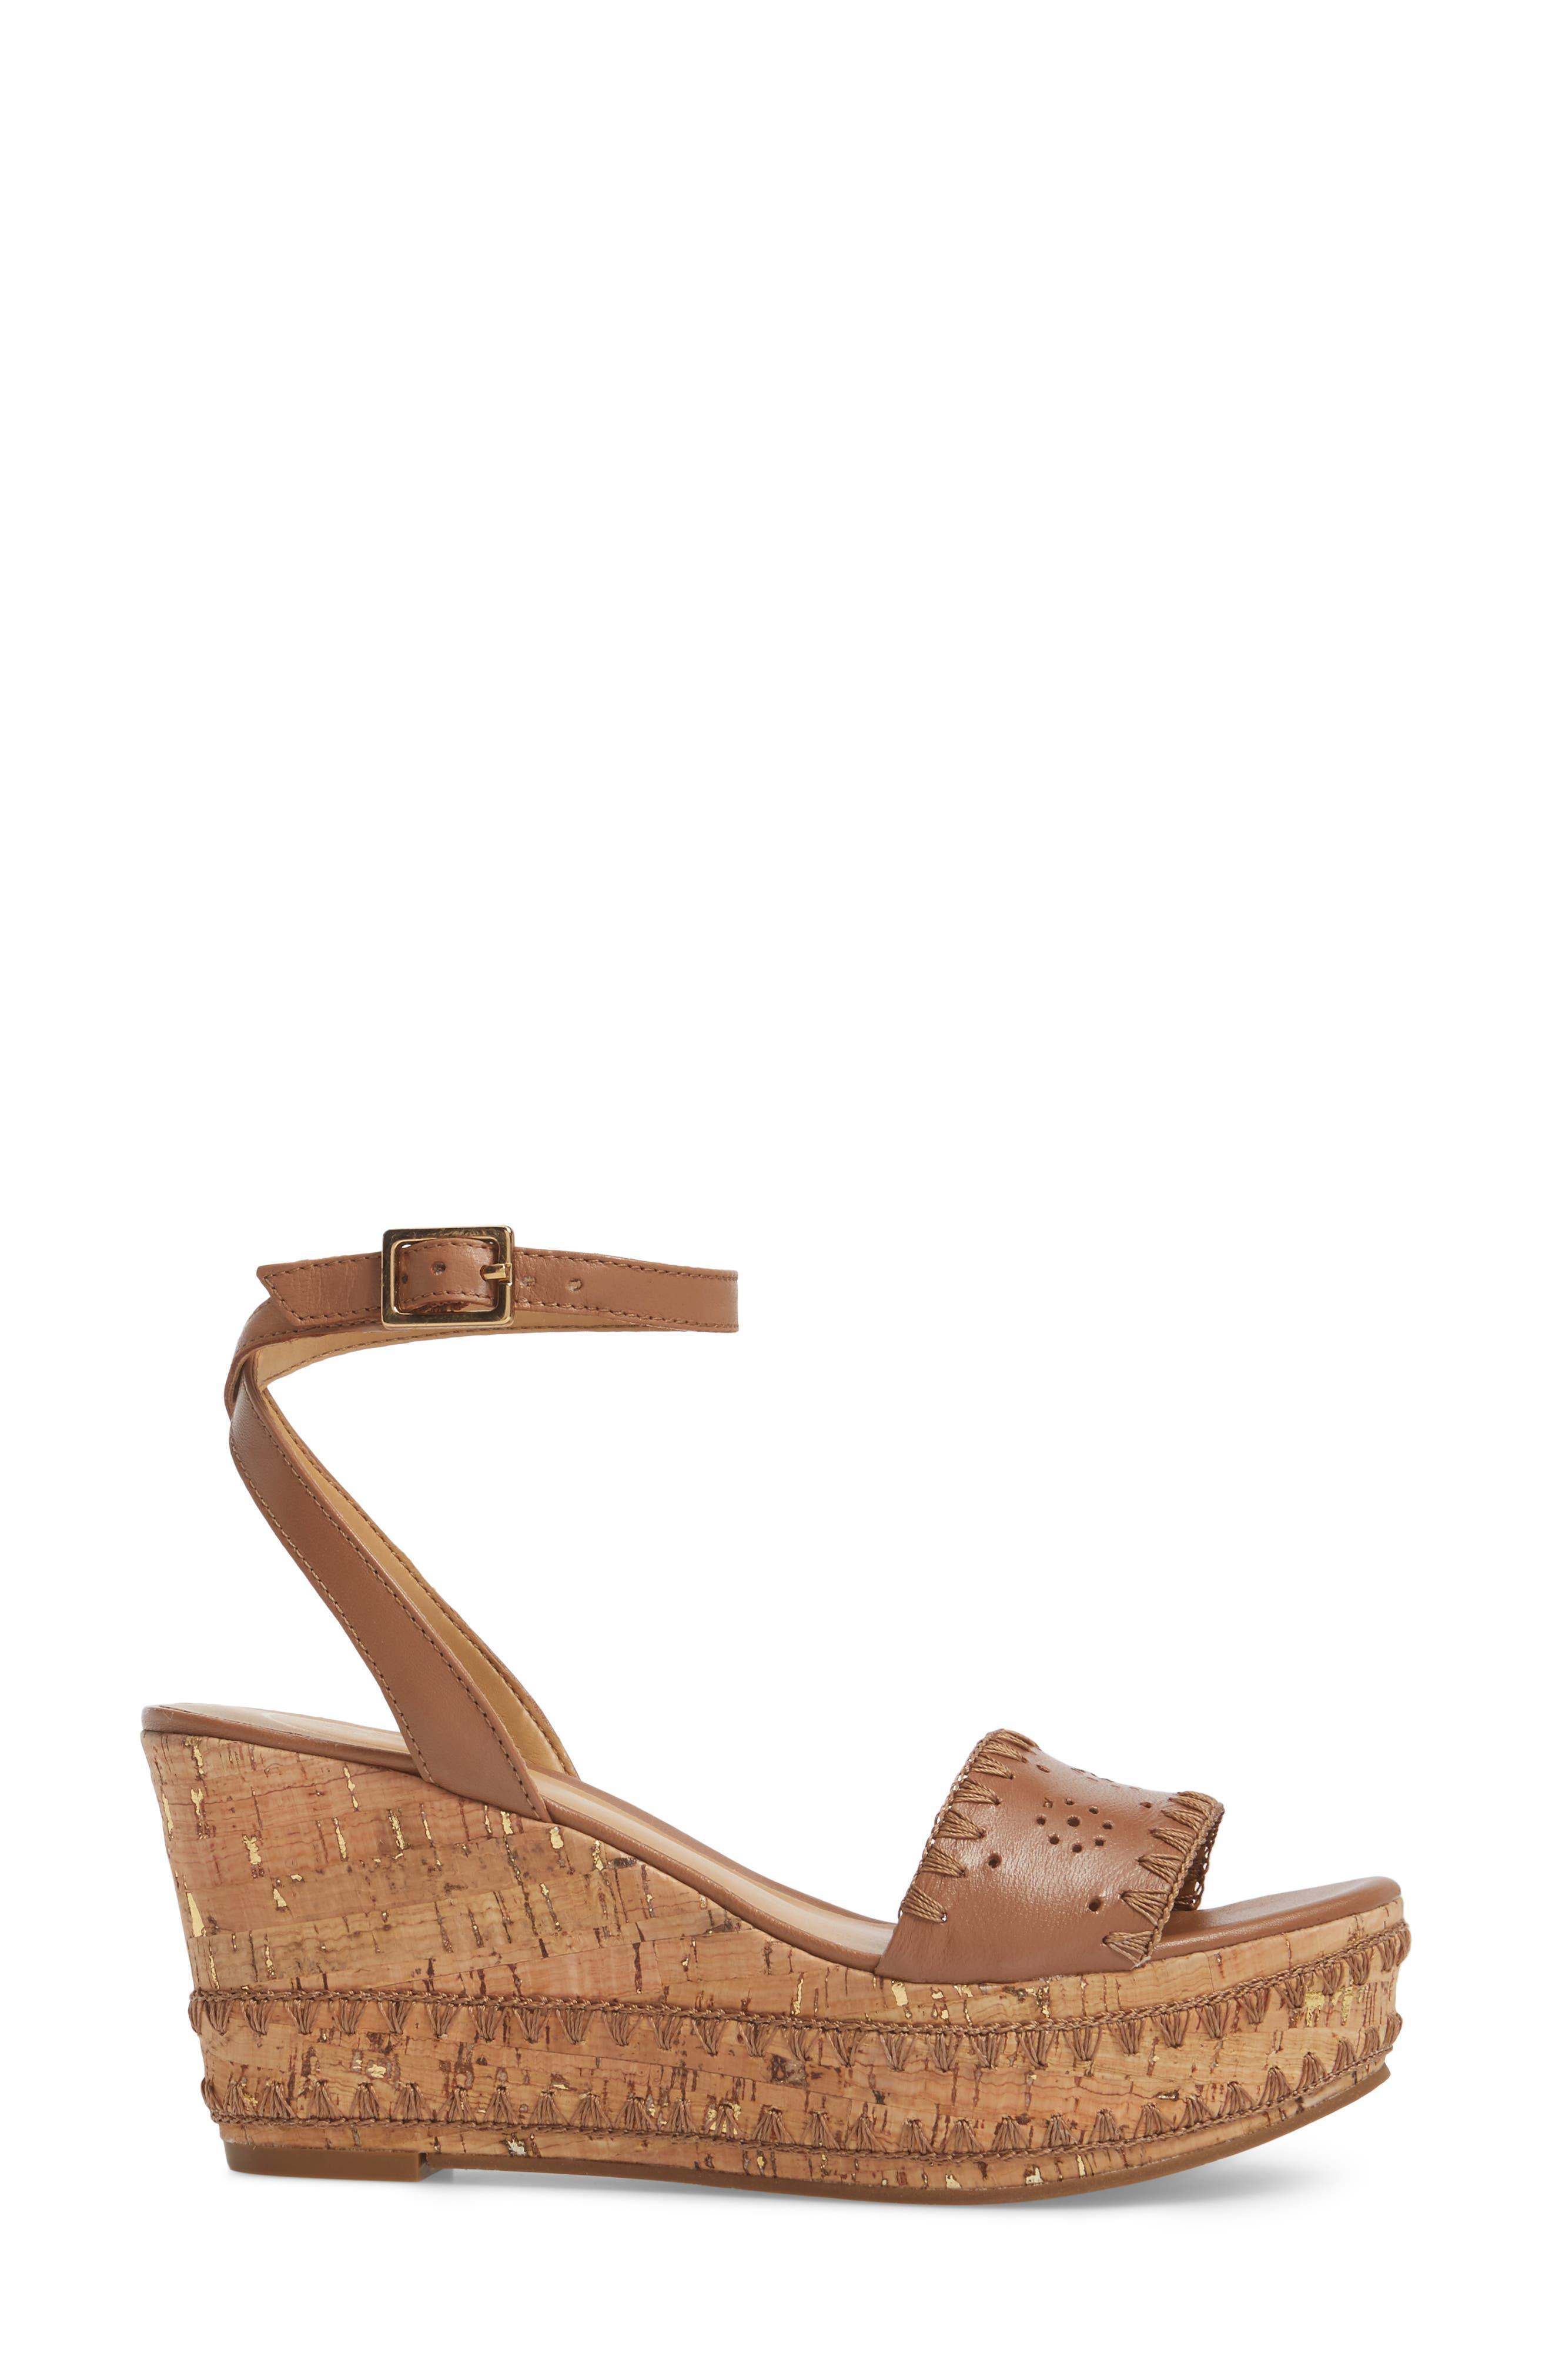 Lennon Platform Wedge Sandal,                             Alternate thumbnail 3, color,                             Cognac Leather